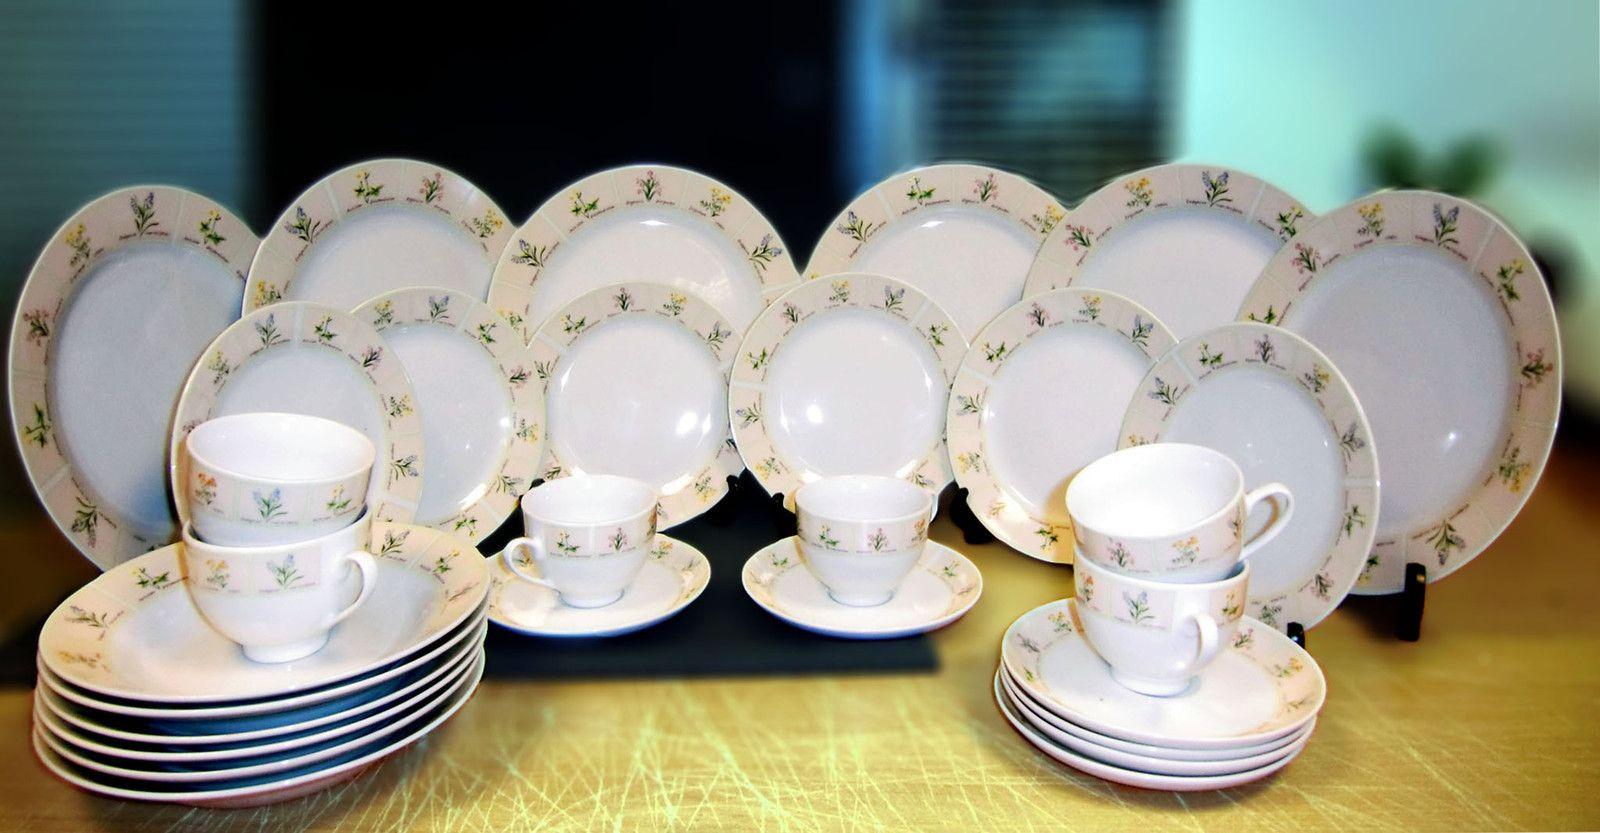 30 Piece Herb Porcelain Pattern Design High Quality Porcelain Dinner ...